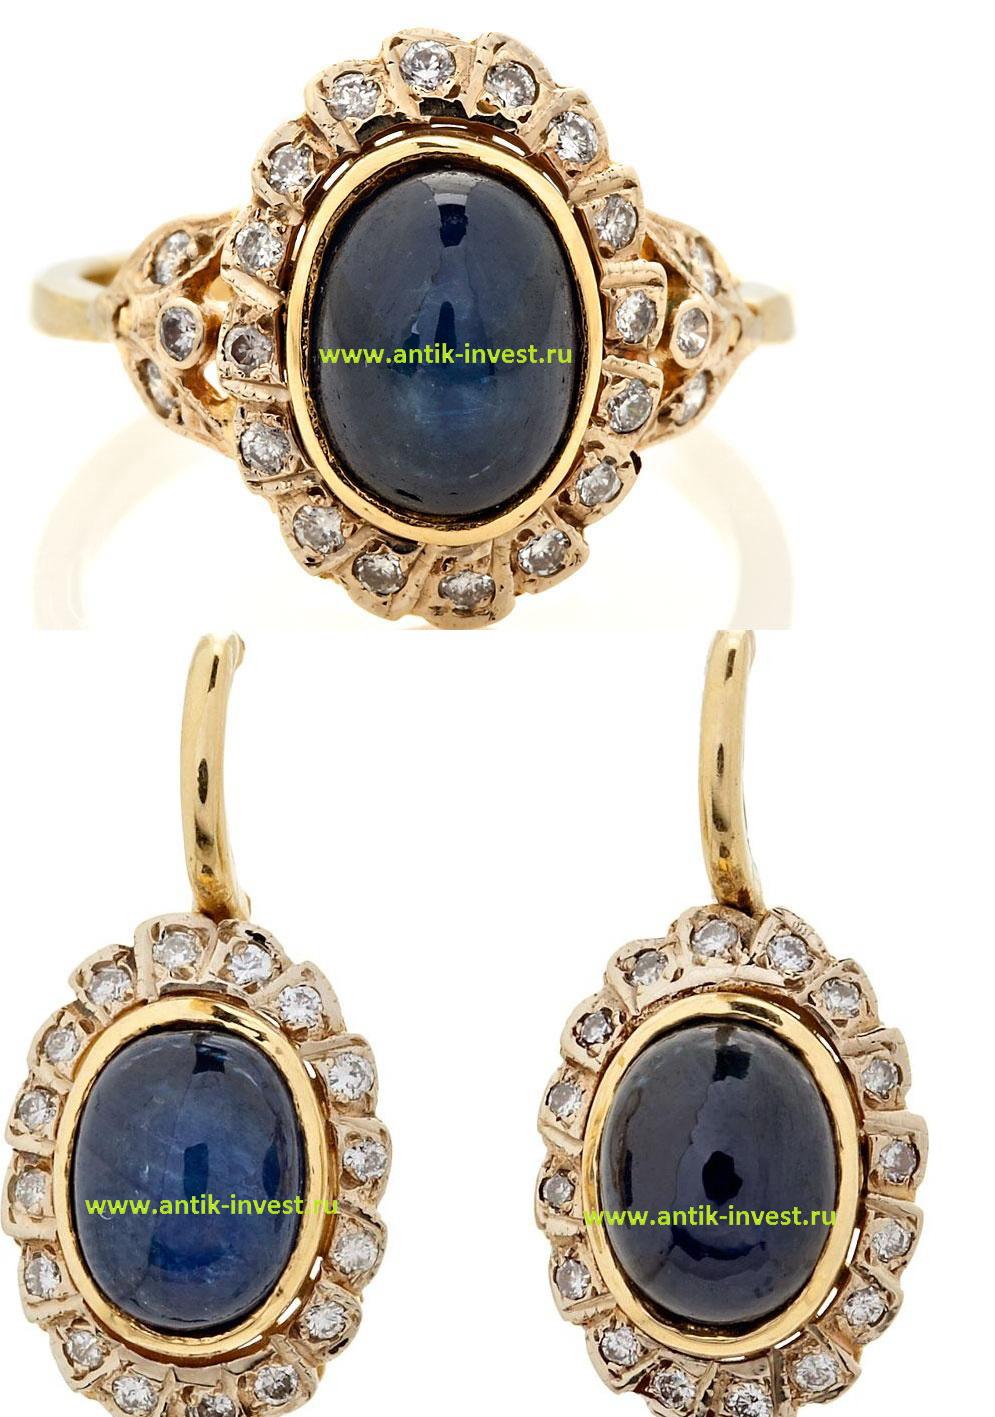 комплект золотые серьги и перстень Малинки с бриллиантами и сапфиры кабашон